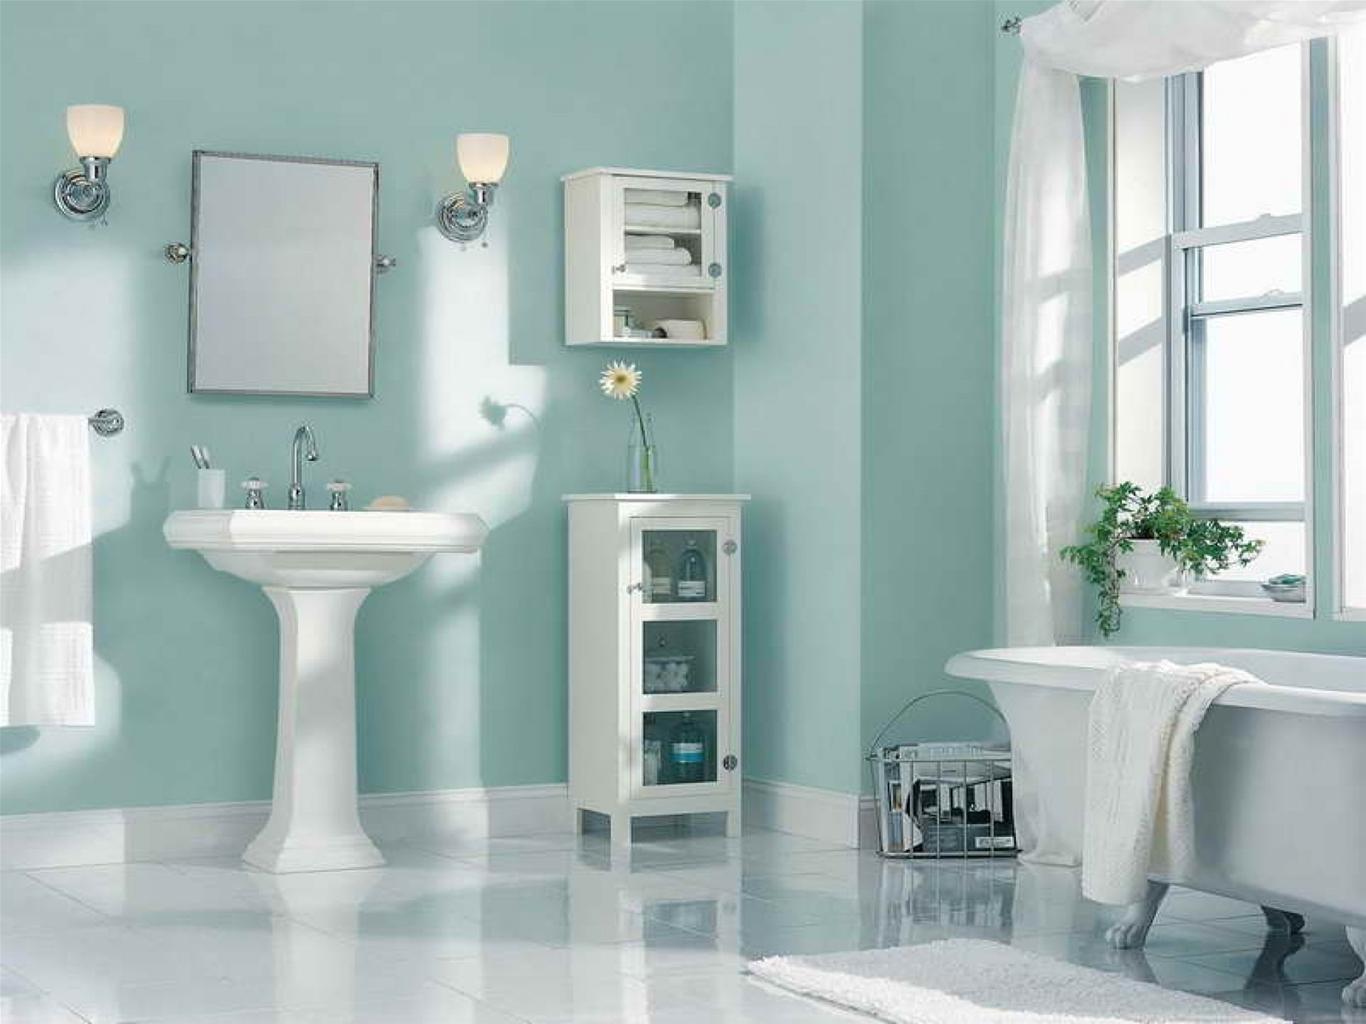 sơn nhà màu xanh ngọc bích